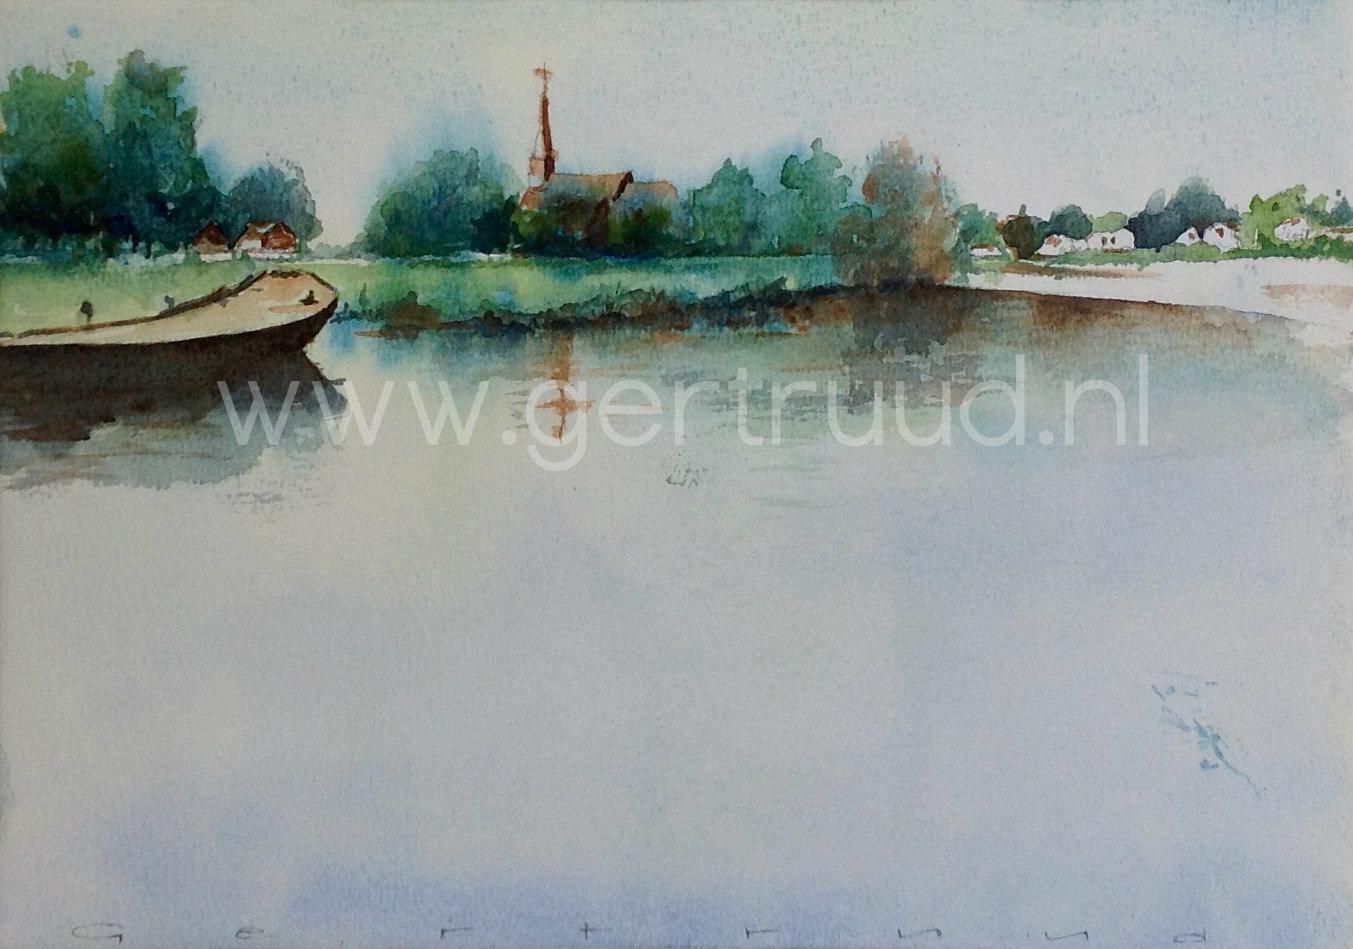 Broek op Langedijk 1 watermerk